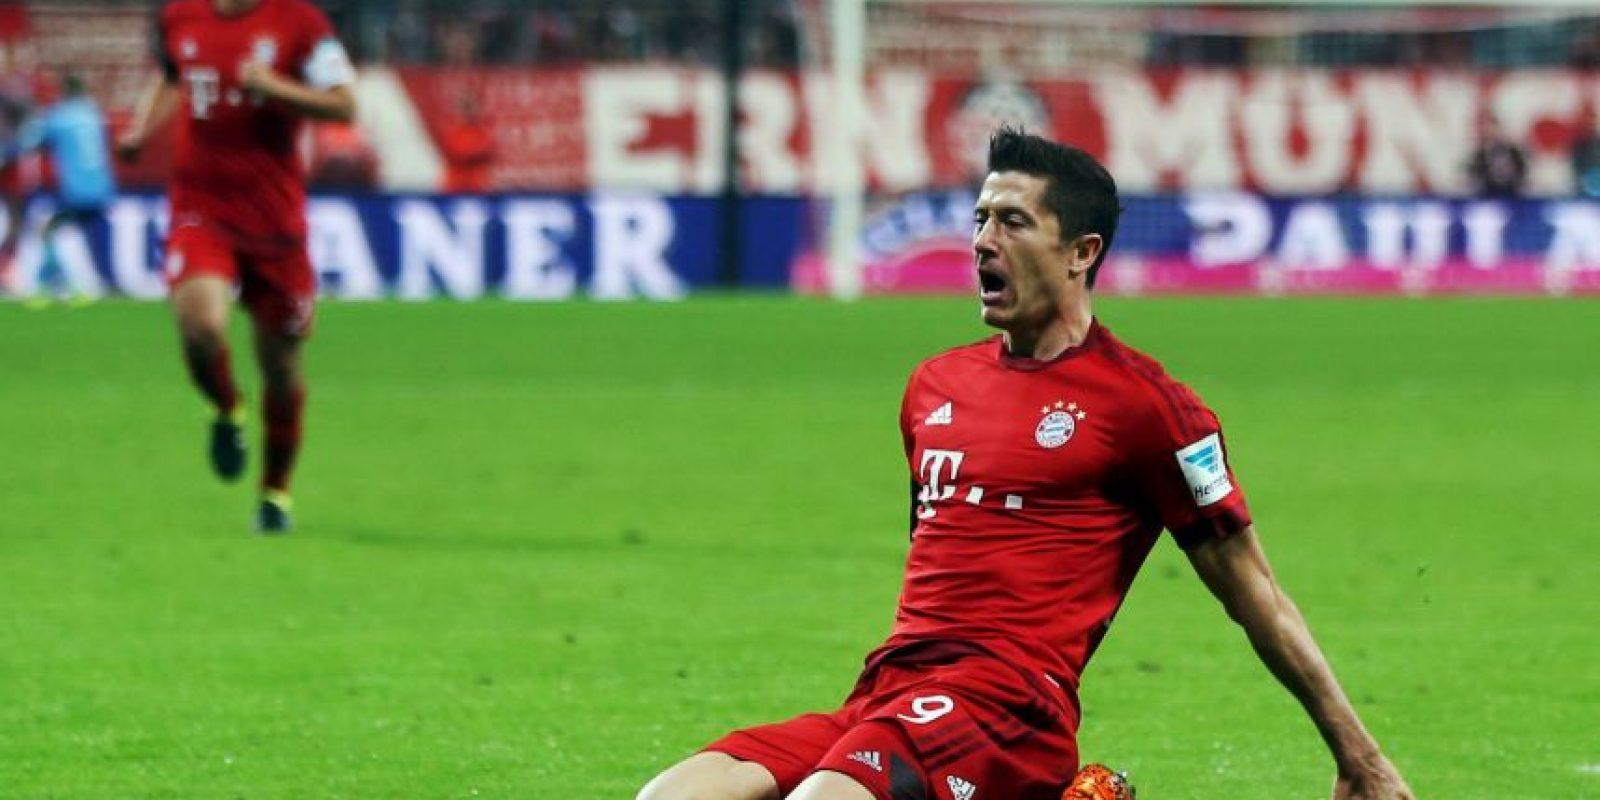 Es el primer futbolista de las cuatro grandes ligas (España, Alemania, Italia, Inglaterra) que marca un repóker ingresando desde el banquillo Foto:Getty Images